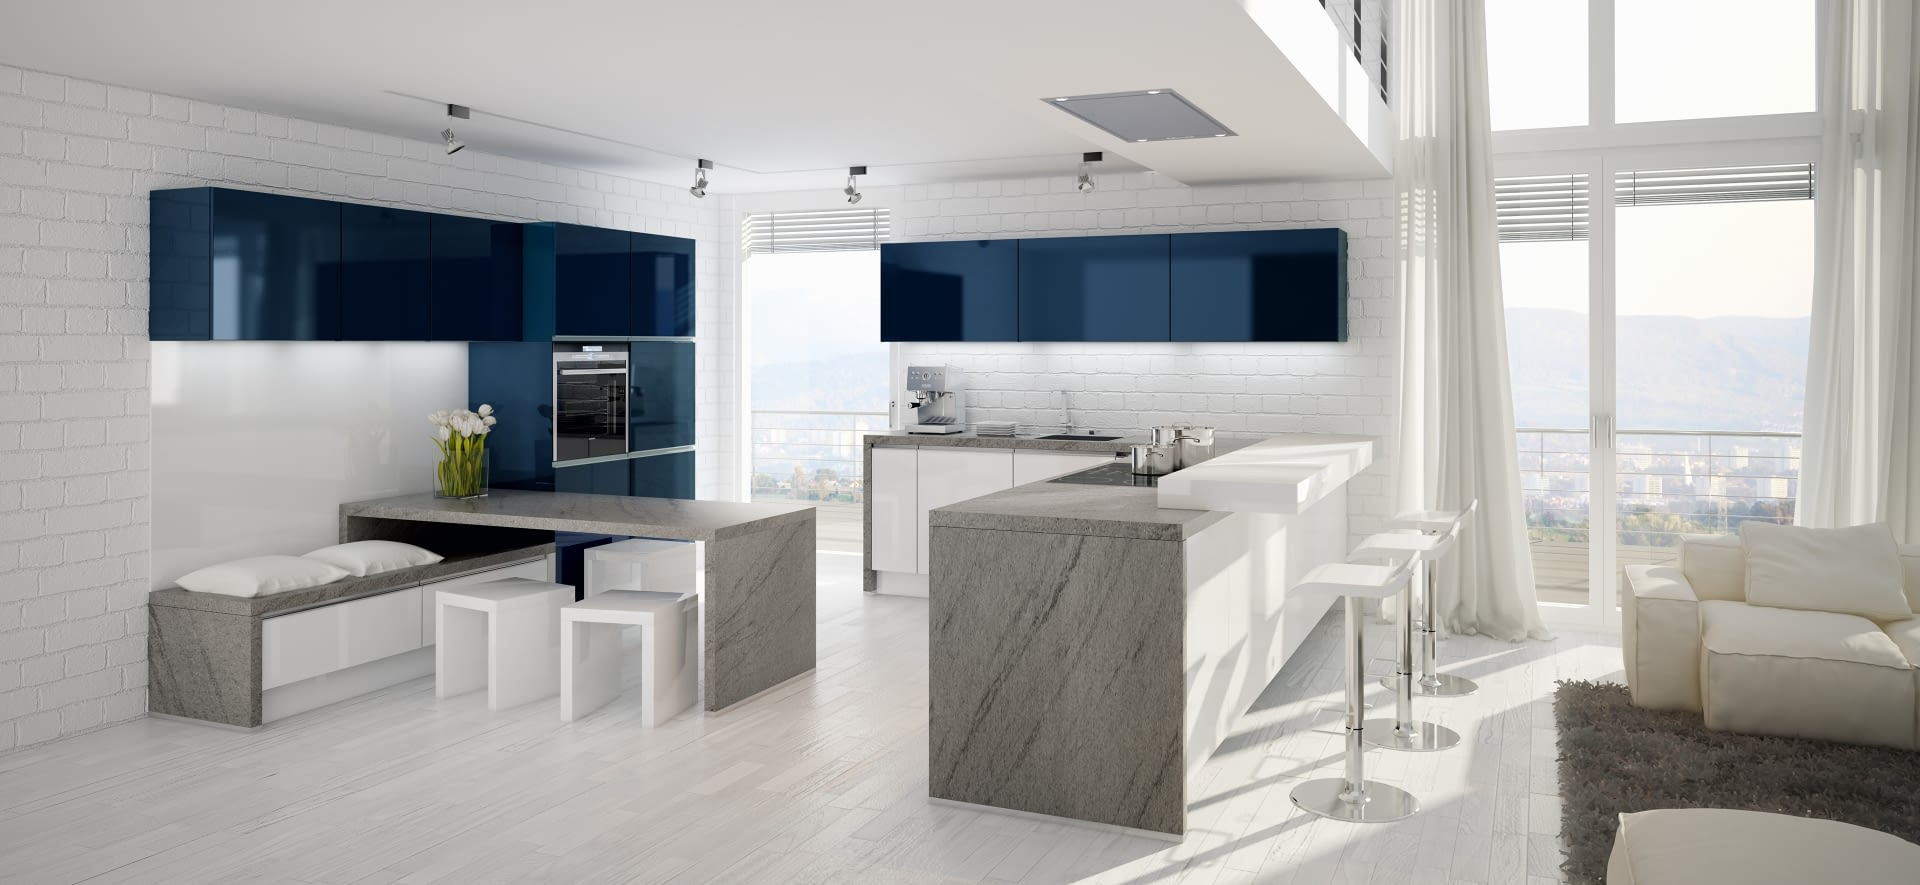 küchentrends 2015 - kreative designideen für die küche - küche&co ...